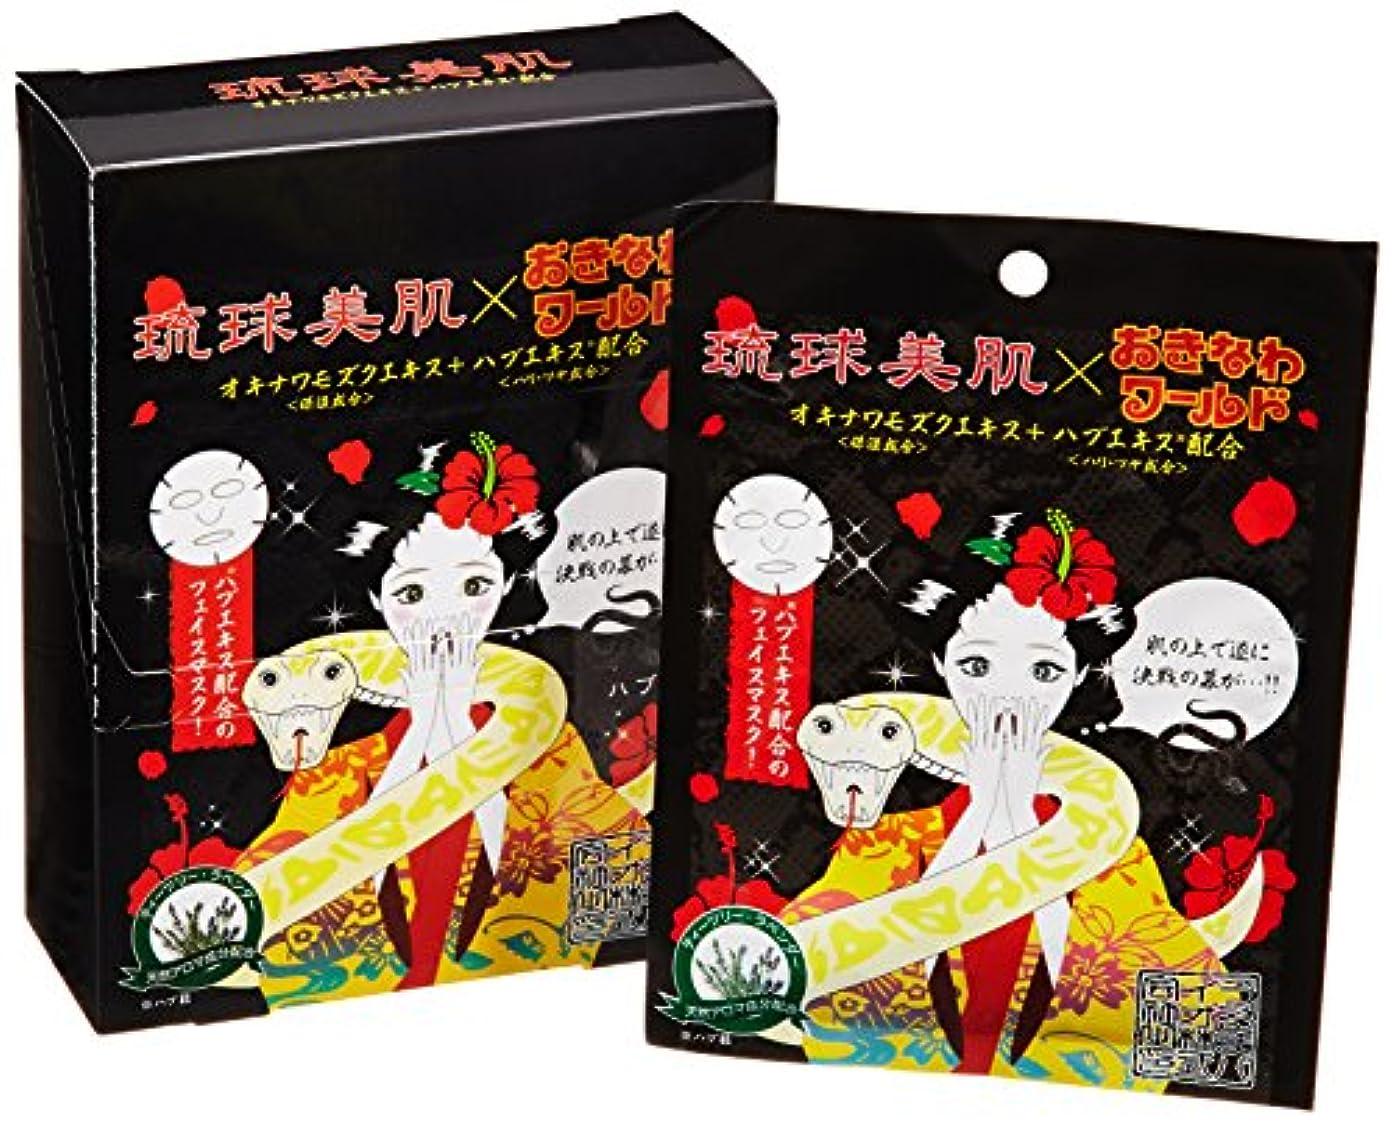 治療強打具体的に琉球美肌 フェイスマスクシート(ハブ) 天然由来のティーツリー&ラベンダーの香り 10枚セット